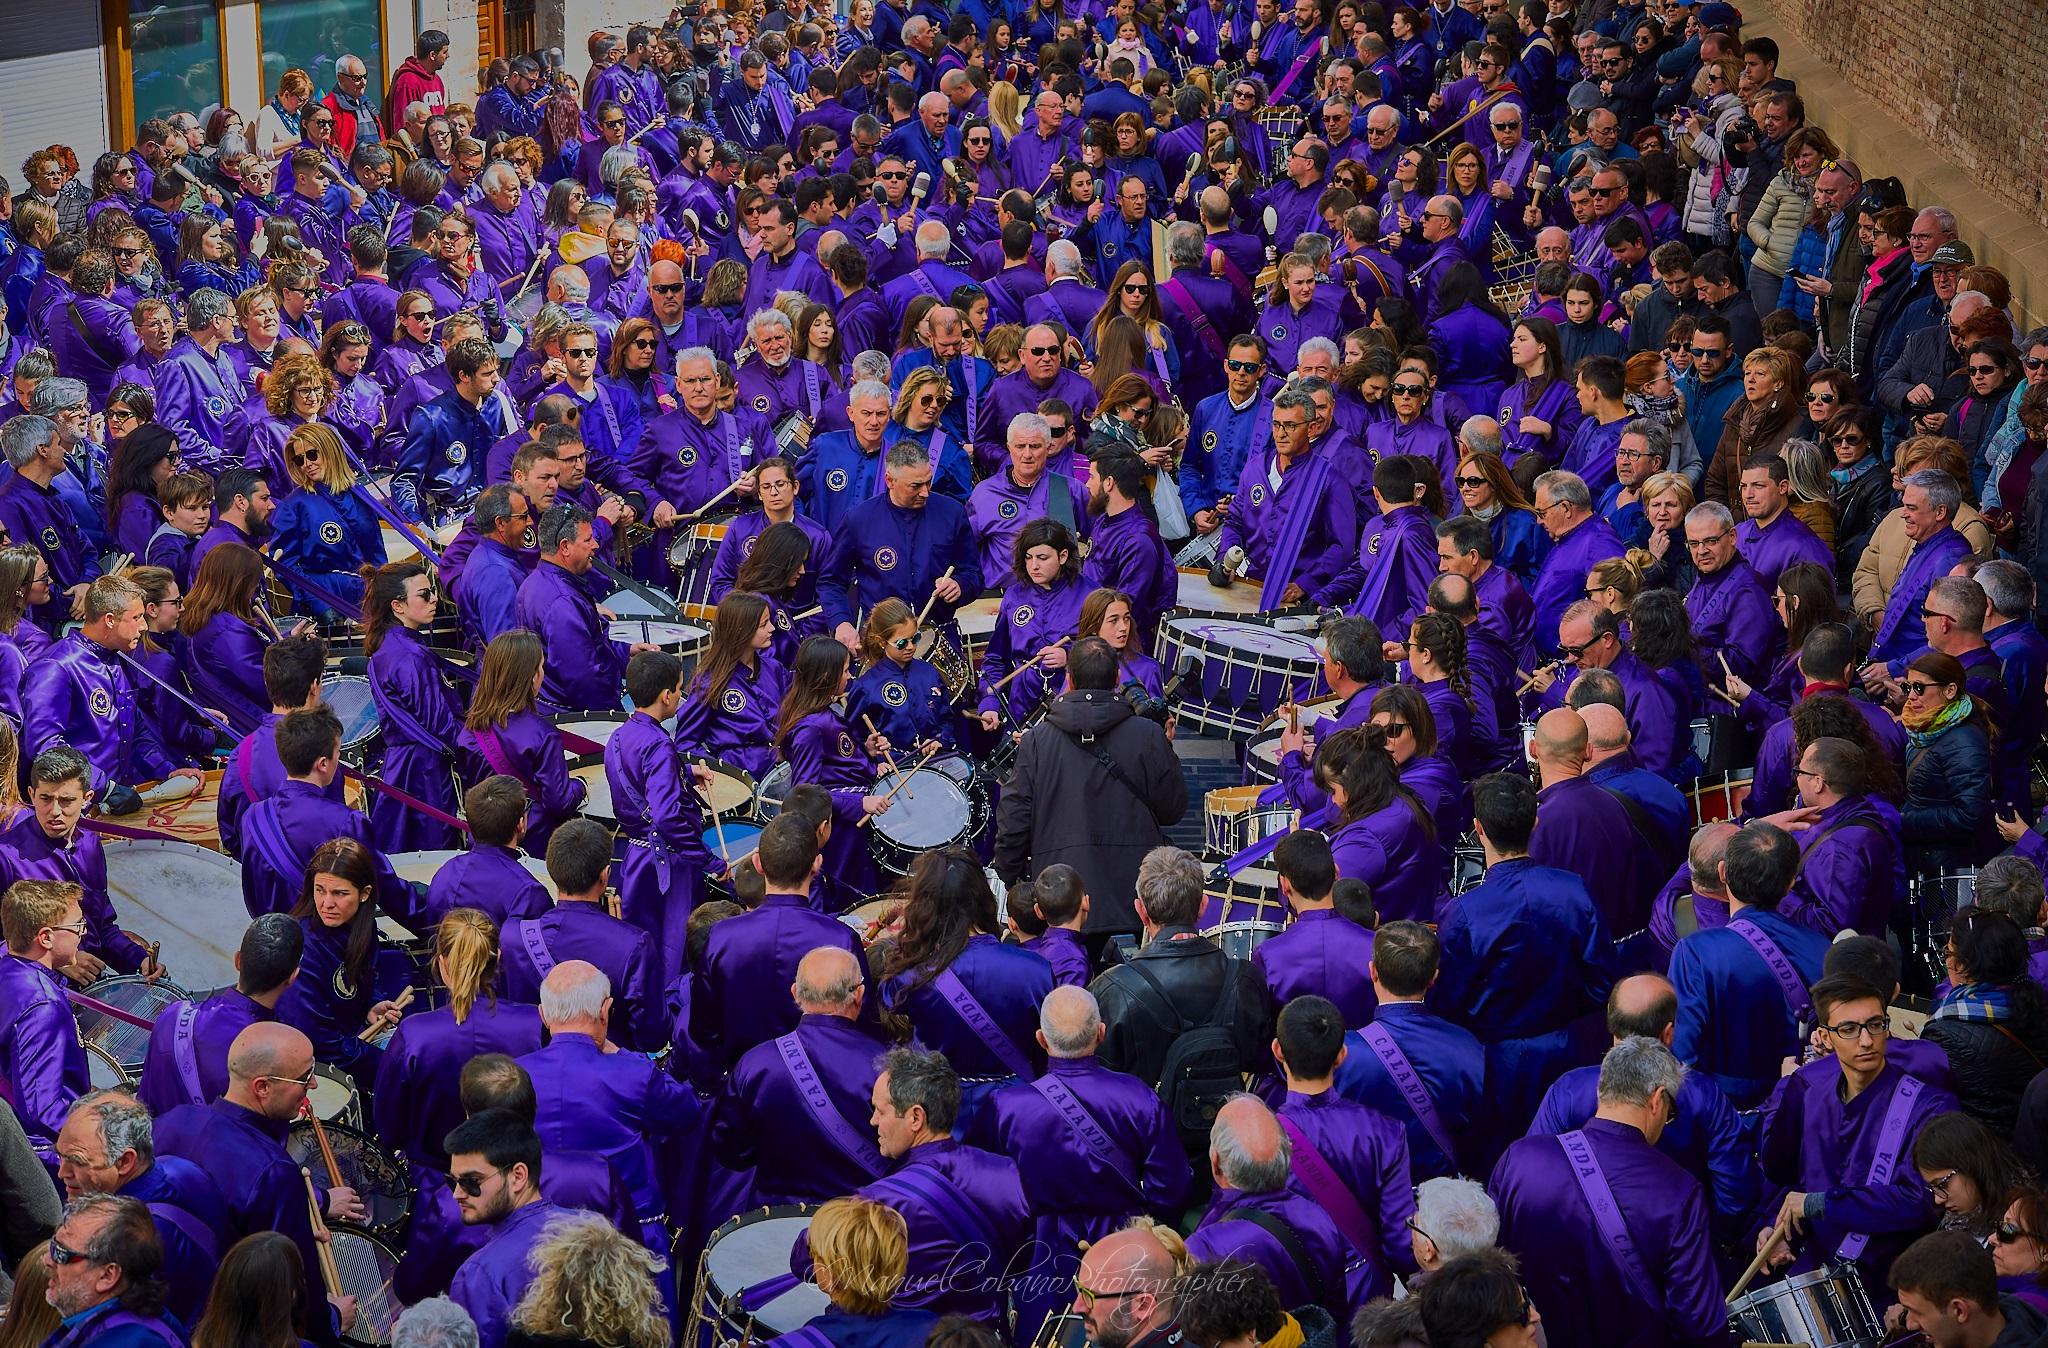 Amplia representación de la Cofradía Jesús Nazareno en el acto de finalizar redobles, Semana Santa de 2018 (Foto de Manuel Cobano)